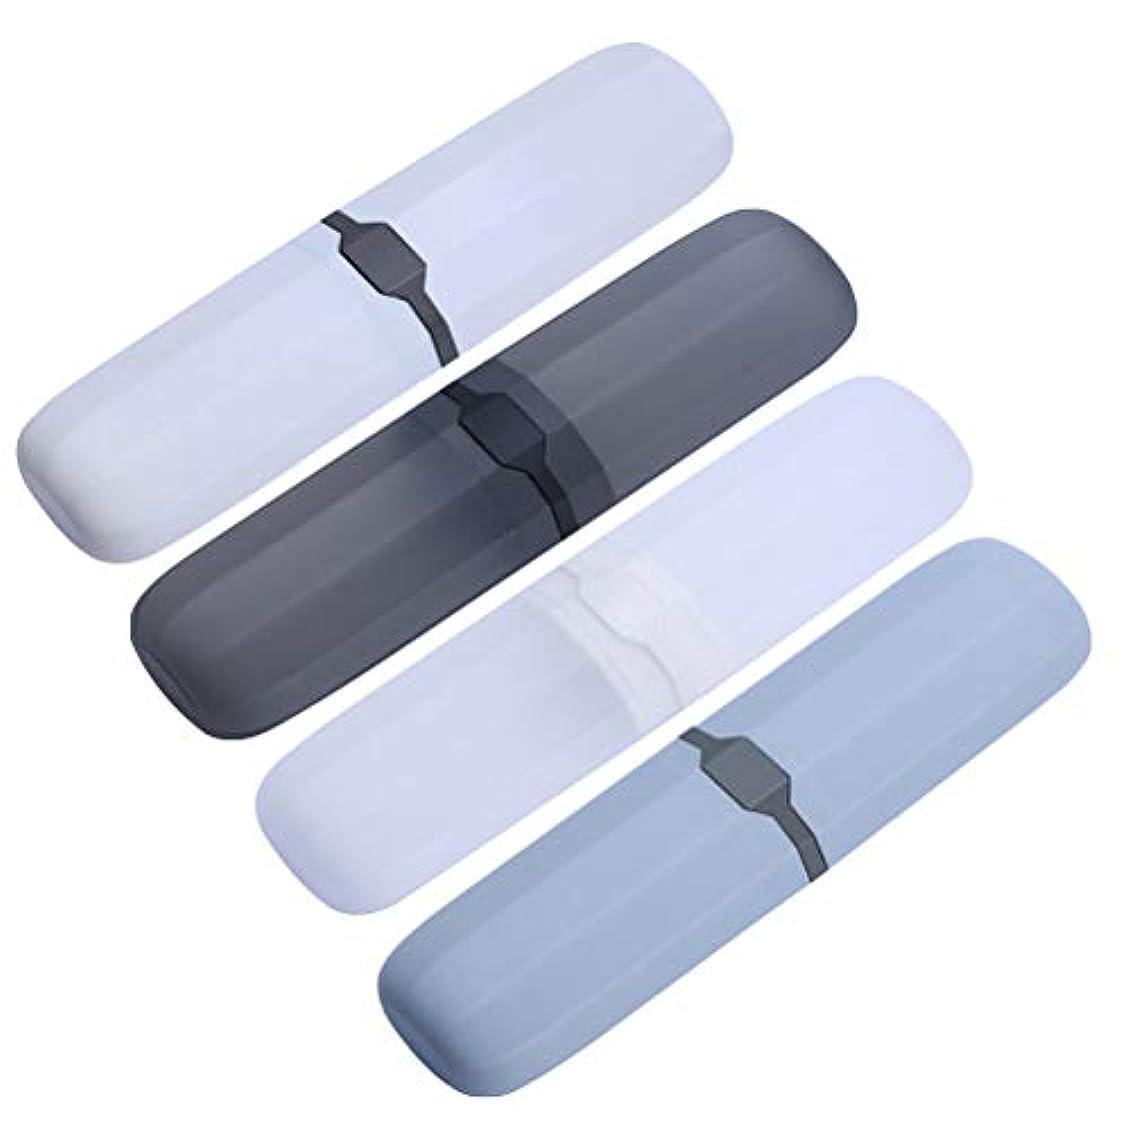 の慈悲で積分省略するHealifty 4PCSポータブル旅行歯ブラシケースプラスチック歯磨き粉ボックス屋外用